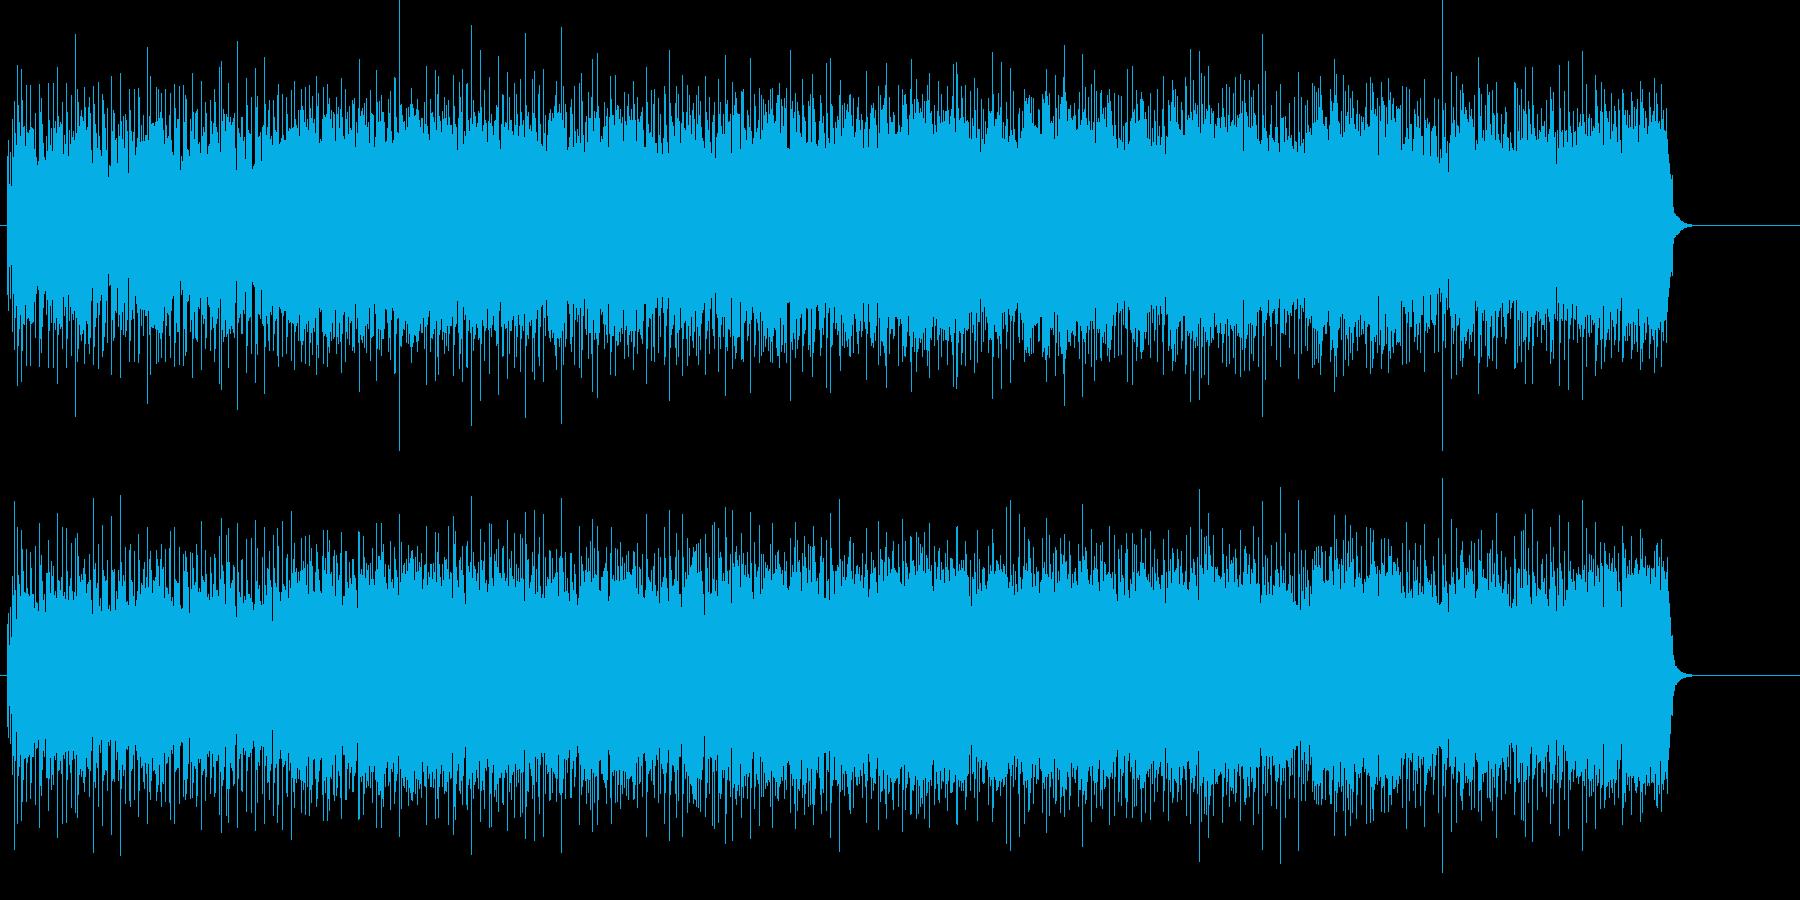 アメリカン・グラフティの軽快なR&Rの再生済みの波形